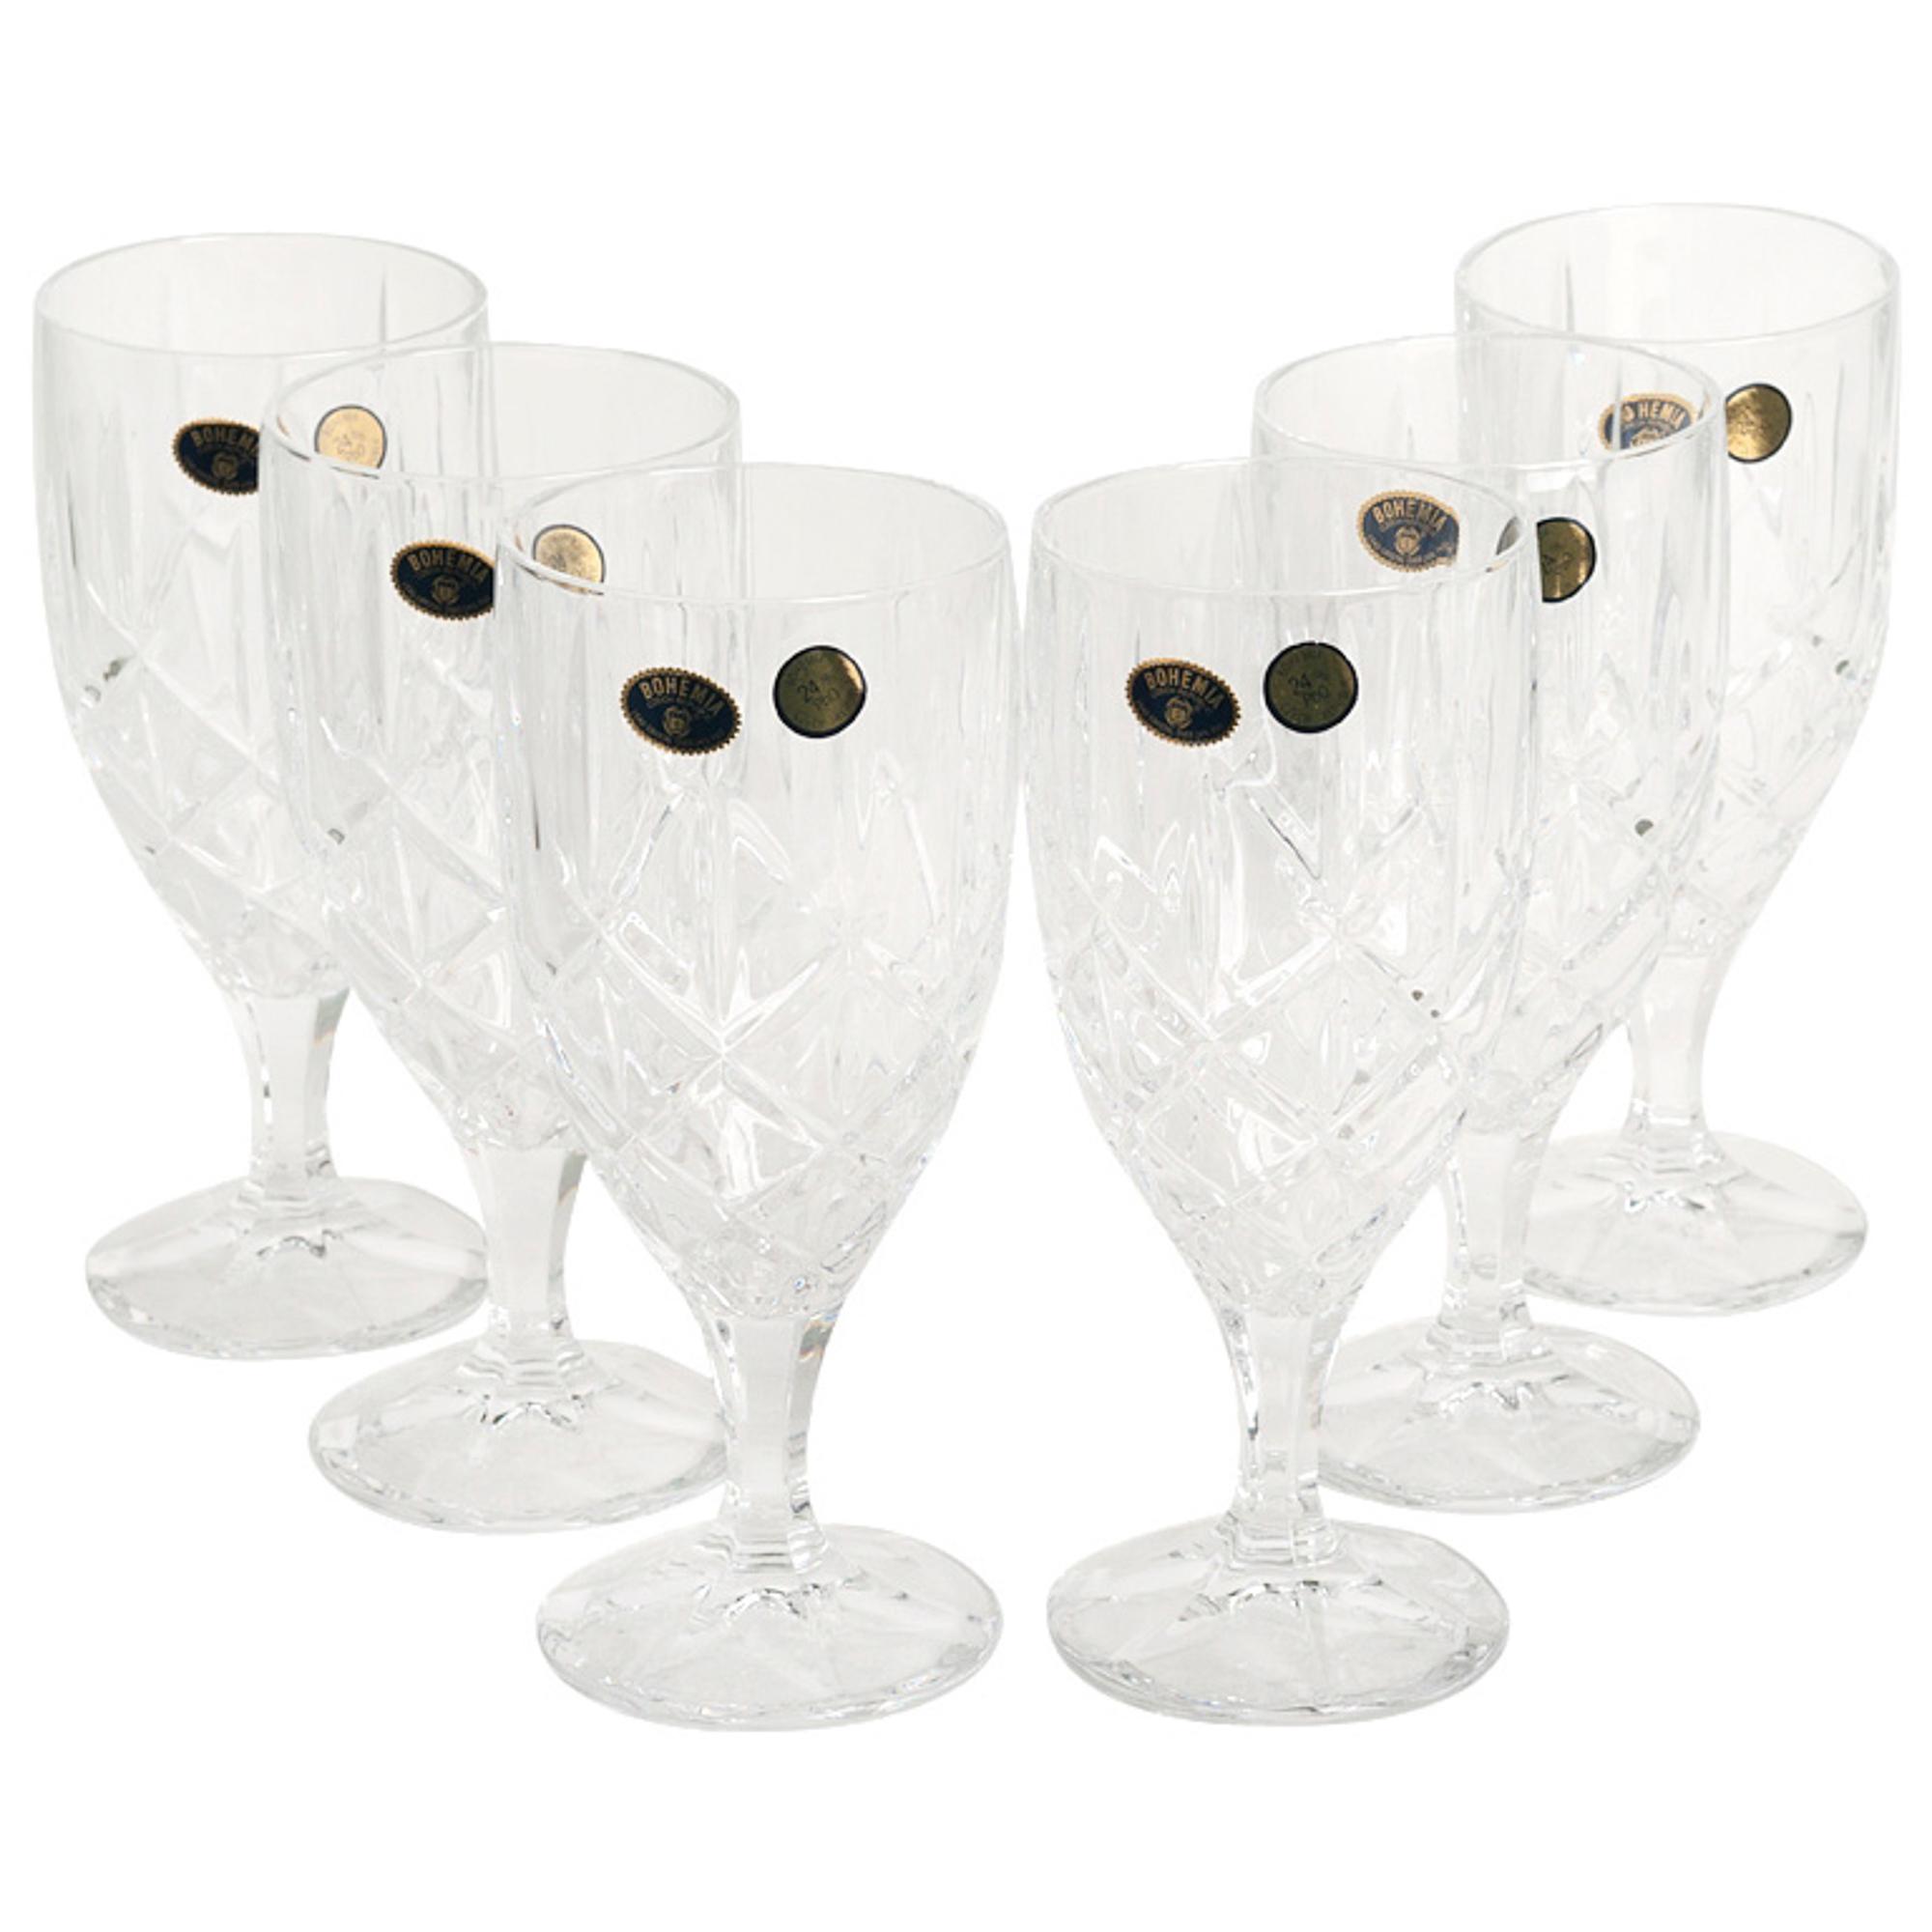 Набор рюмок д/вина sheffield 6х400мл Crystal Bohemia A.S. (990/12860/0/52820/400-609)